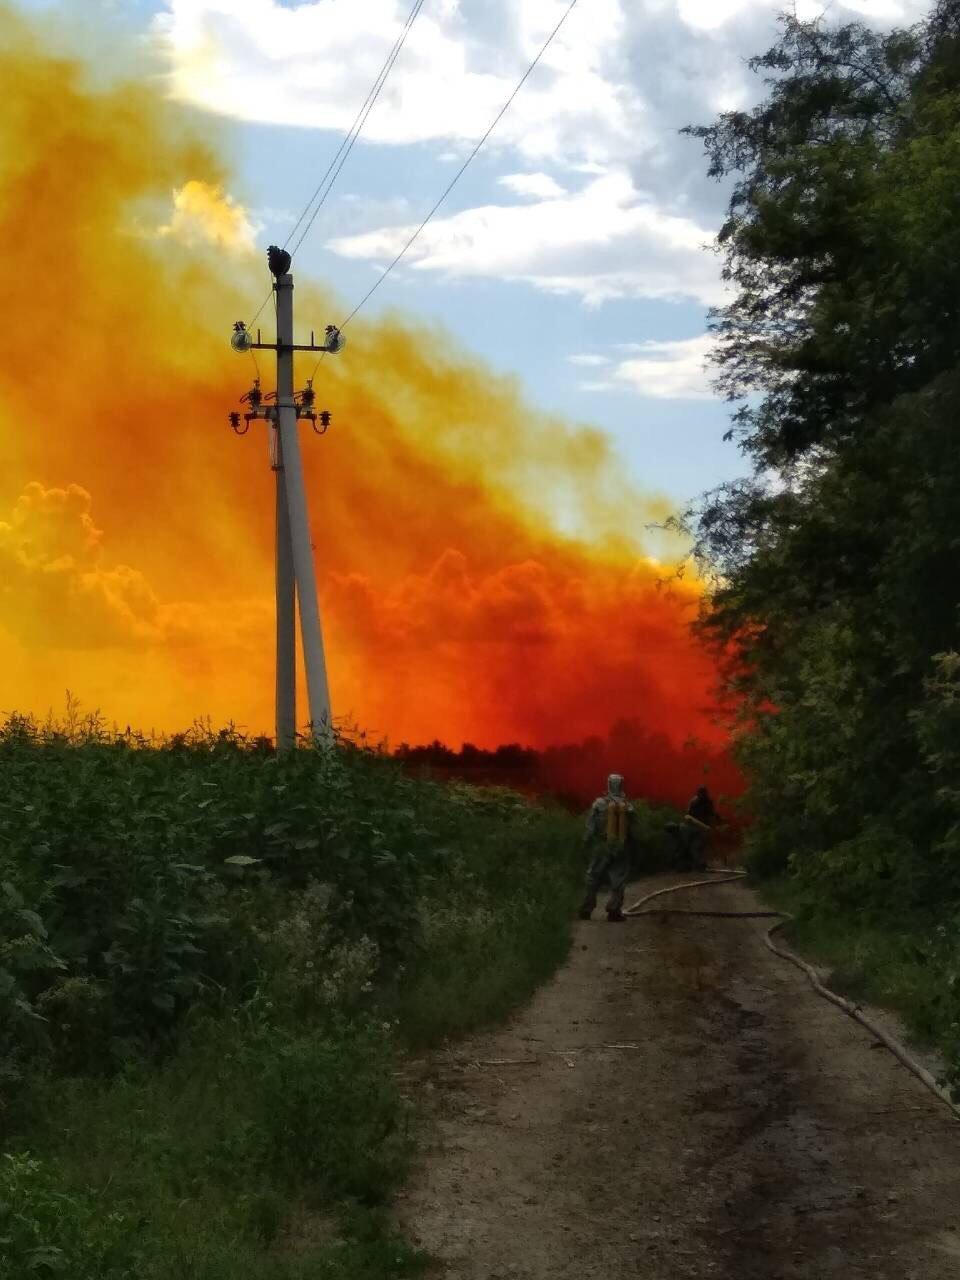 Утечка кислоты и ядовито-оранжевое облако: под Днепром по трассе растеклось химическое вещество, - ФОТО, ВИДЕО, фото-3